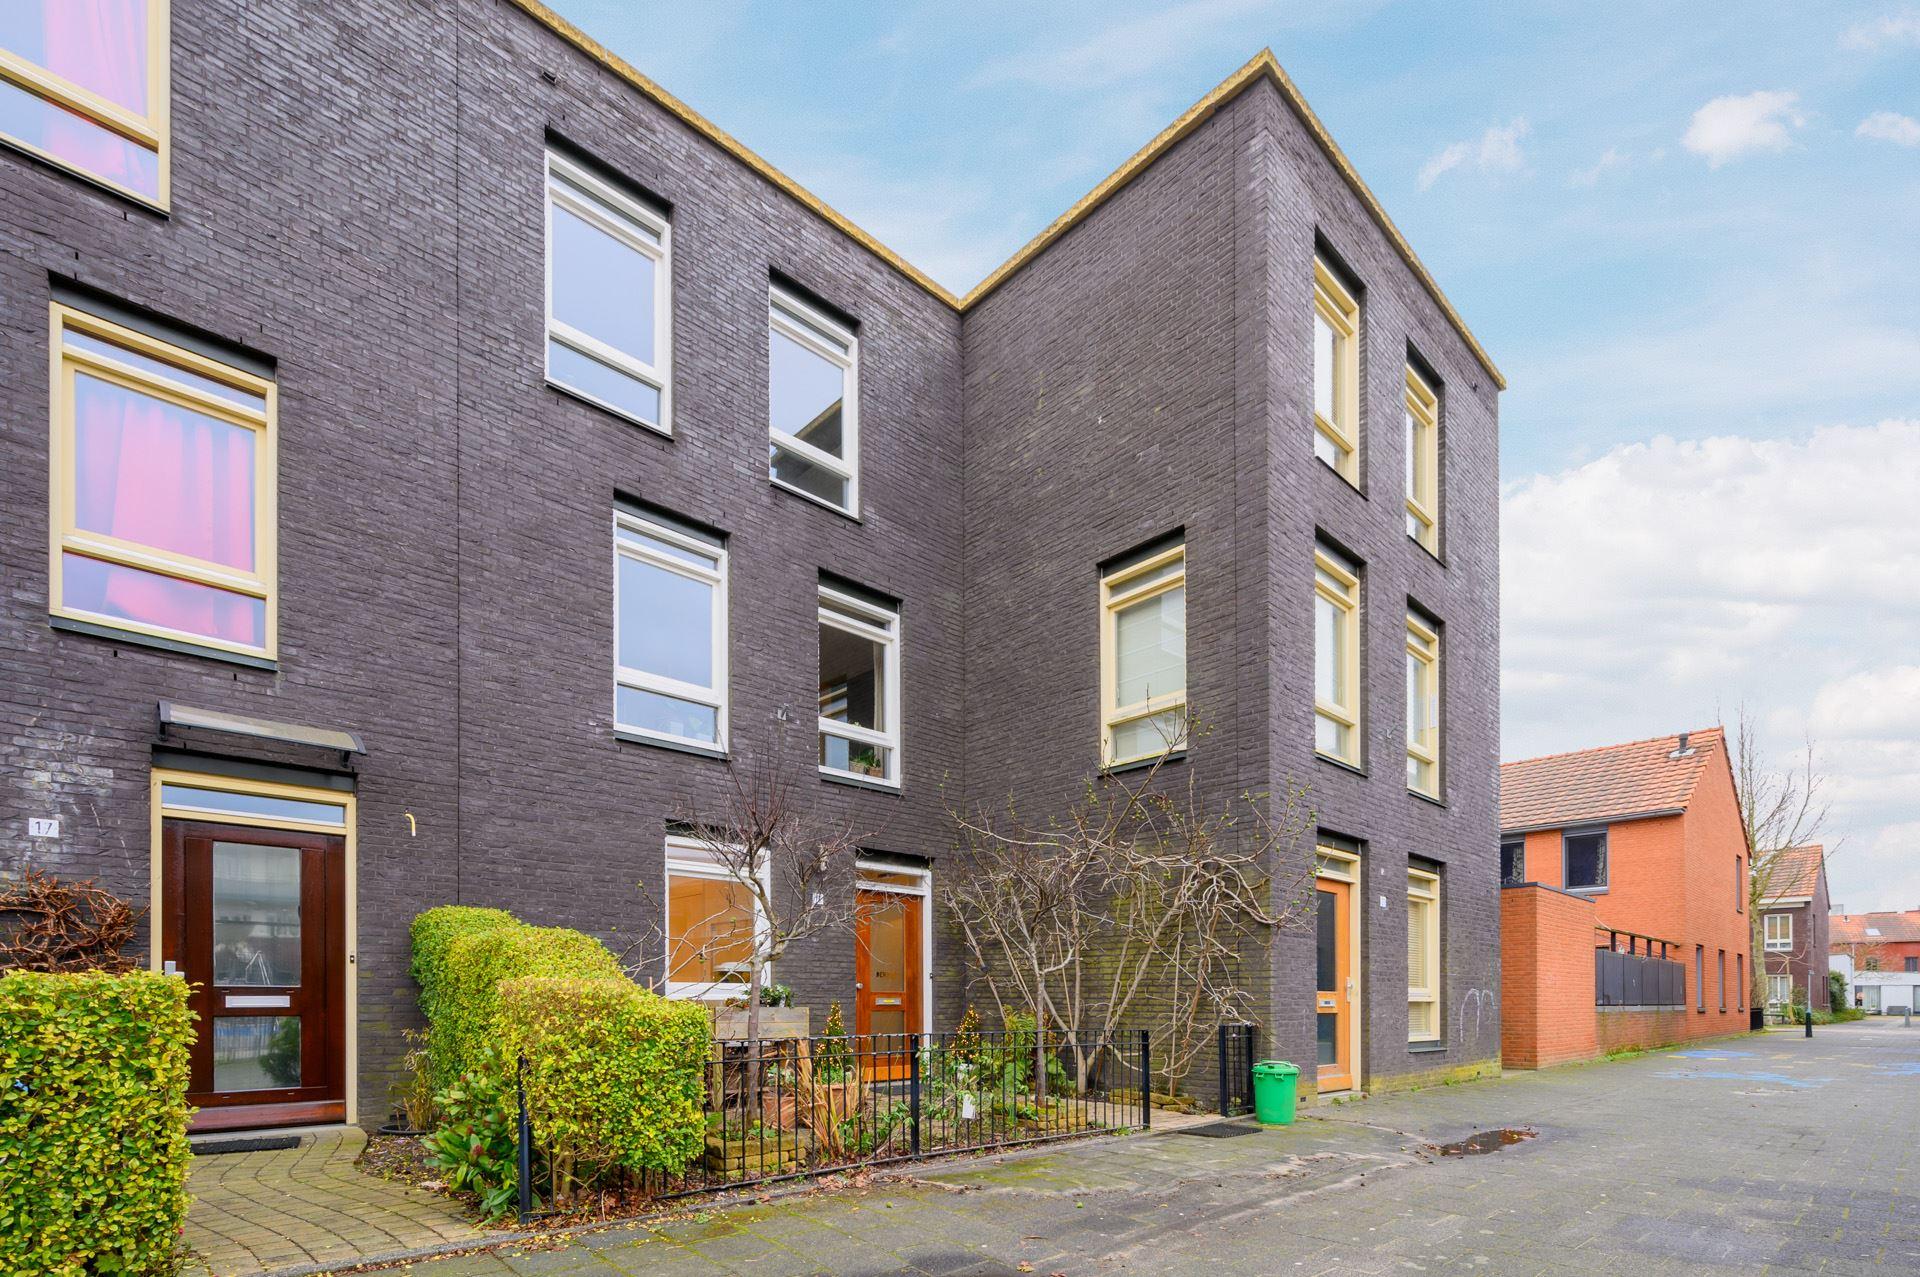 GOED ONDERHOUDEN EN MODERNE TUSSENWONING met 3 SLAAPKAMERS en tuin op ZO, gelegen in de kindvriendelijke buurt Morgenweide in Ypenburg.